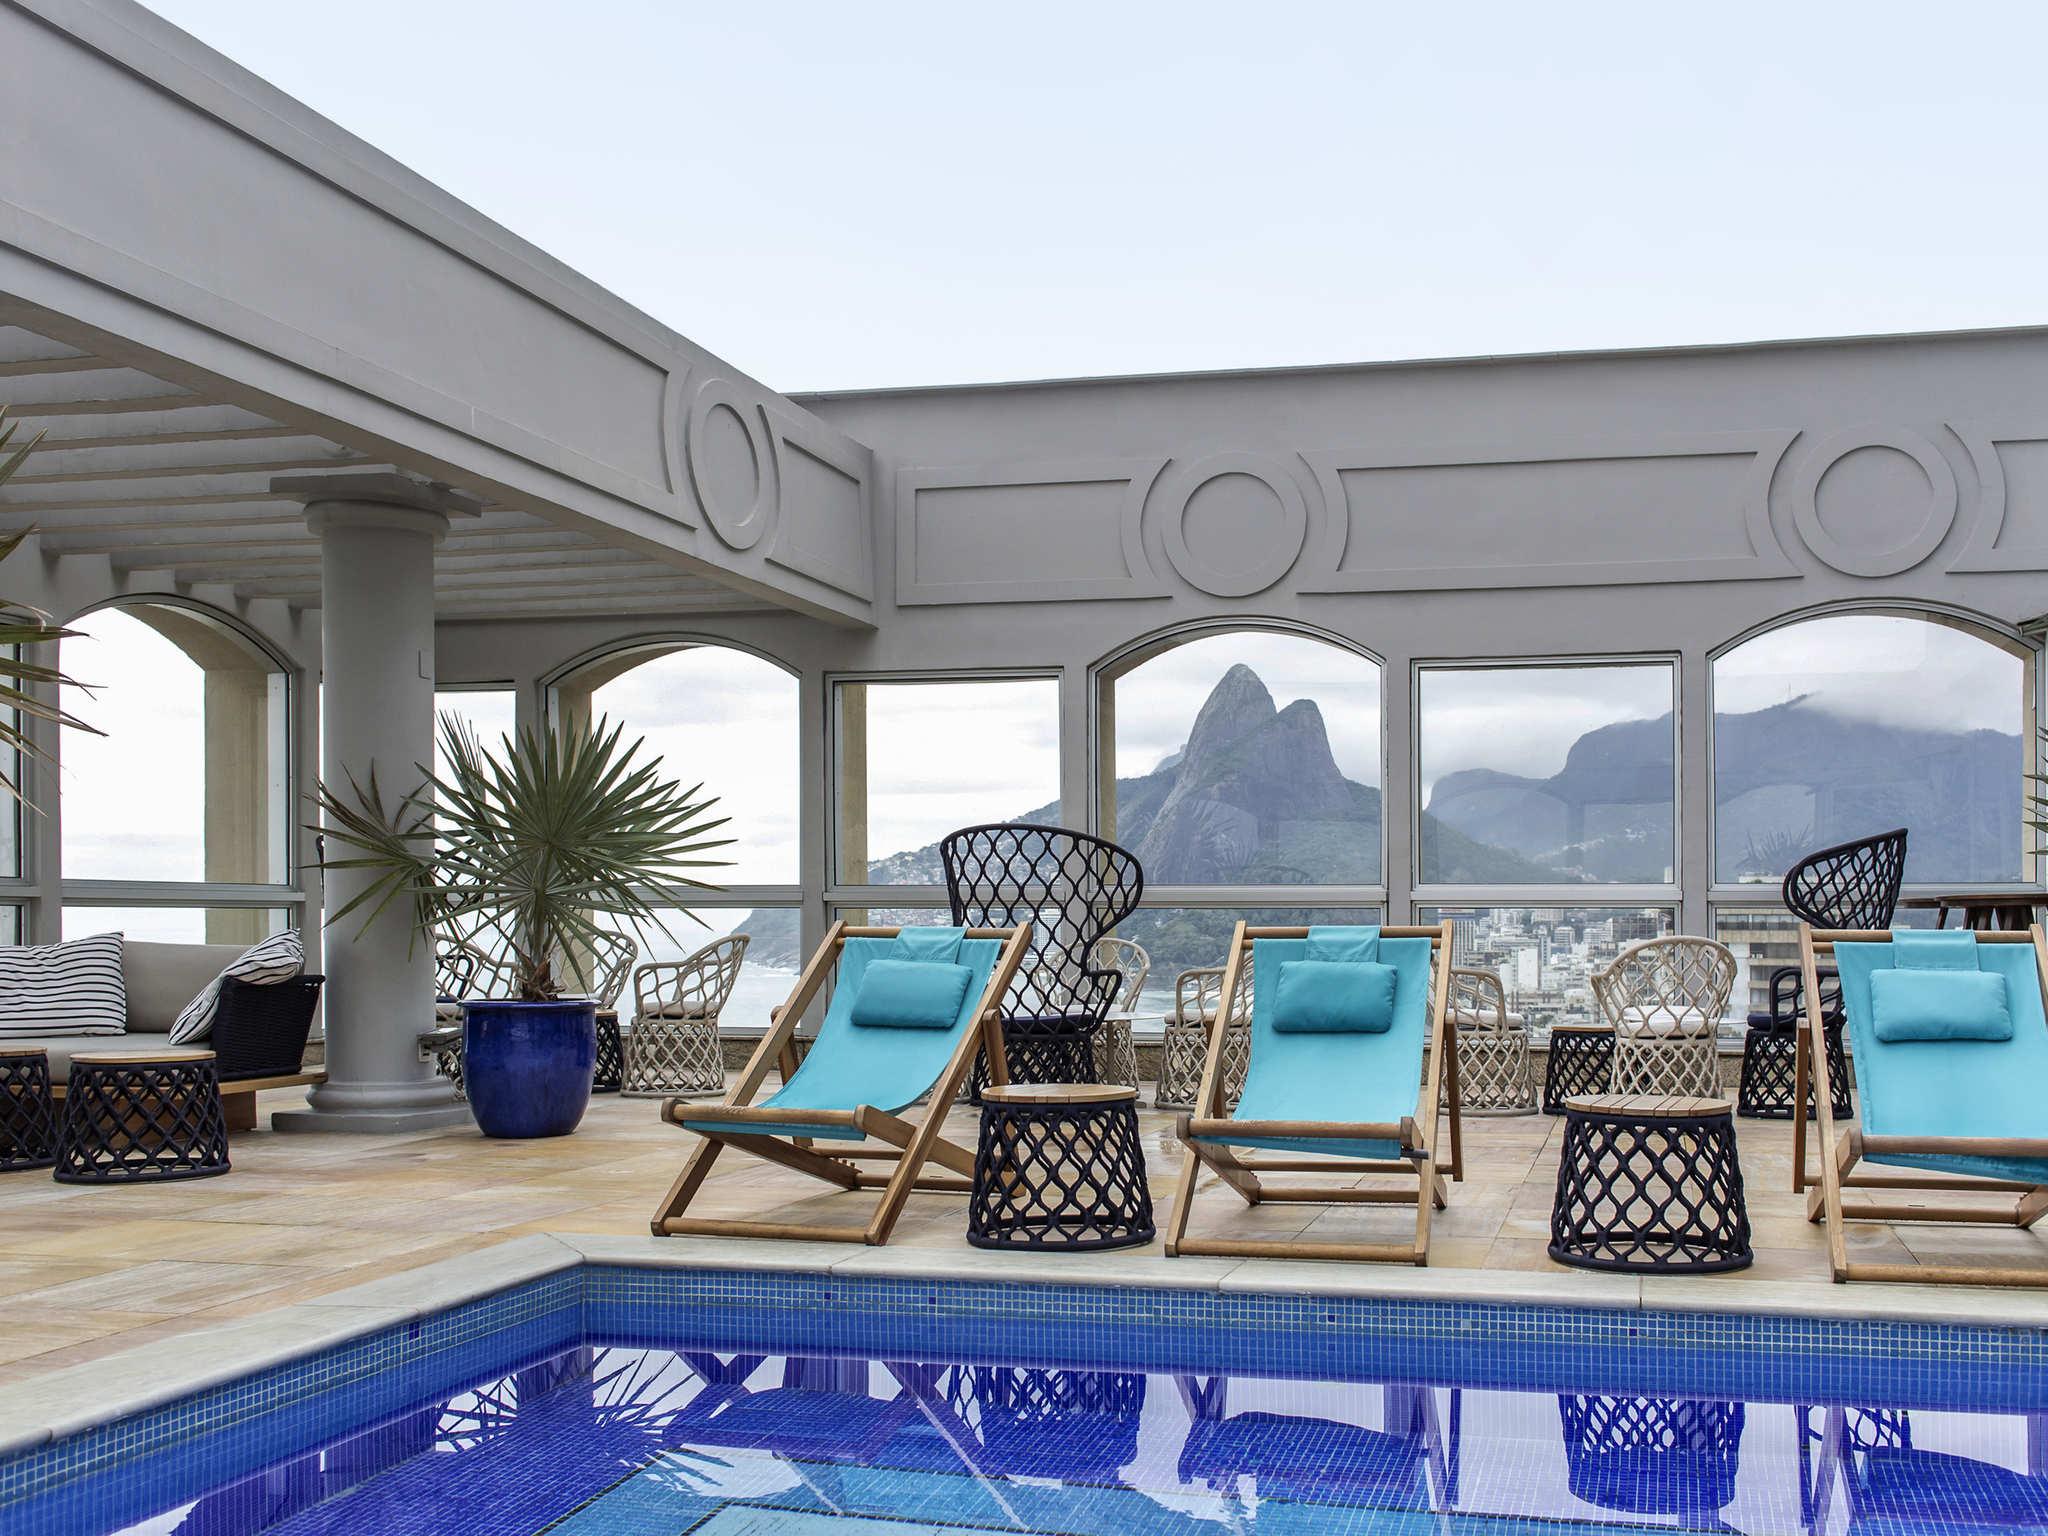 Hotel – Sofitel Rio de Janeiro Ipanema